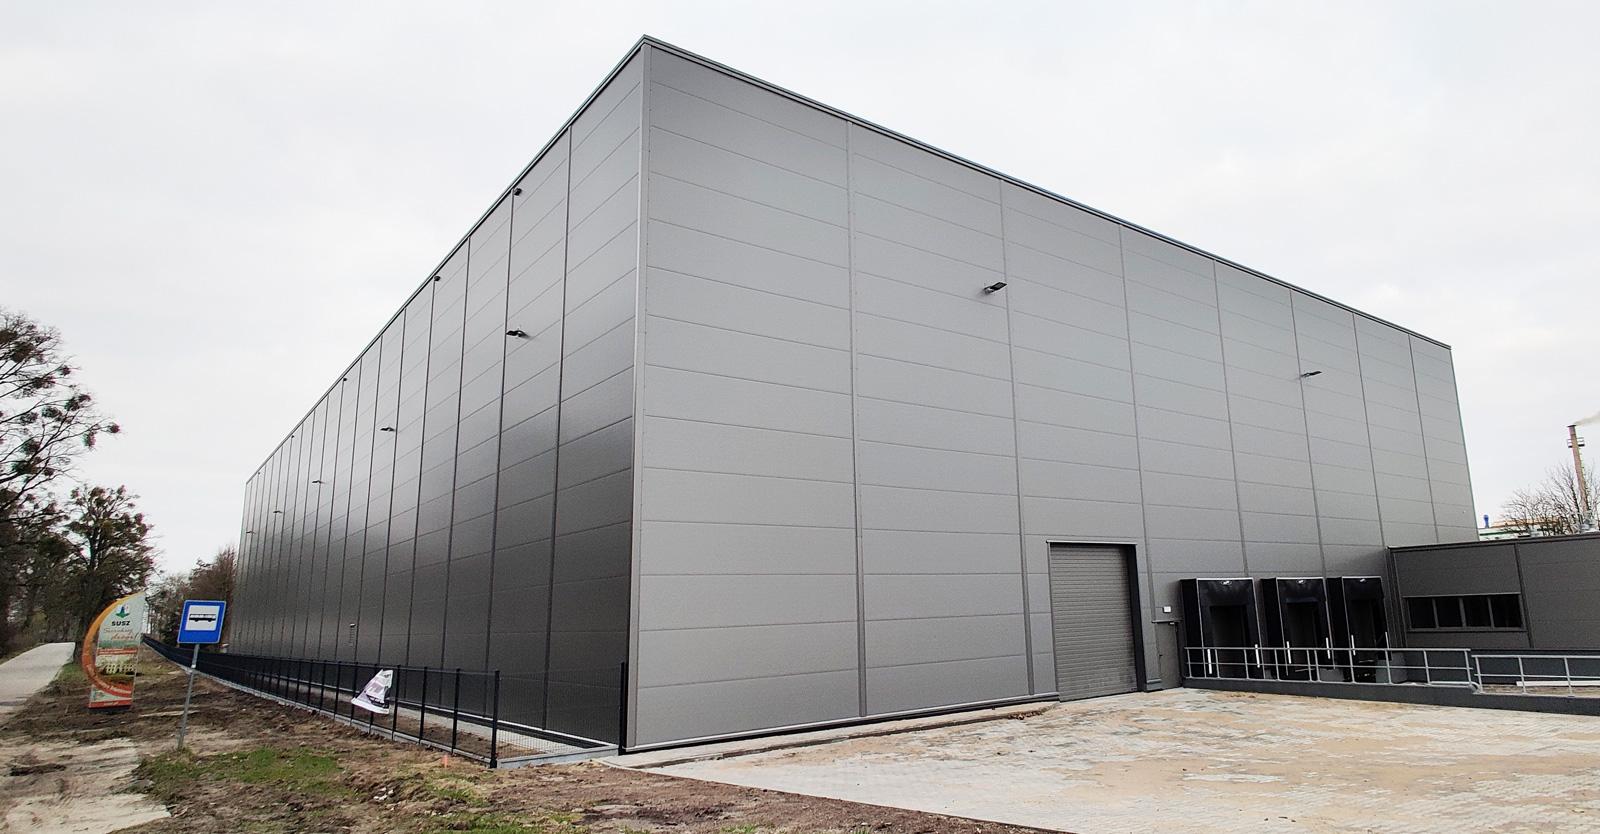 elewacja hali z płyt warstwowych - inwestcyja dla firmy Grupa INco SA, Susz, woj. warmińsko-mazurskie